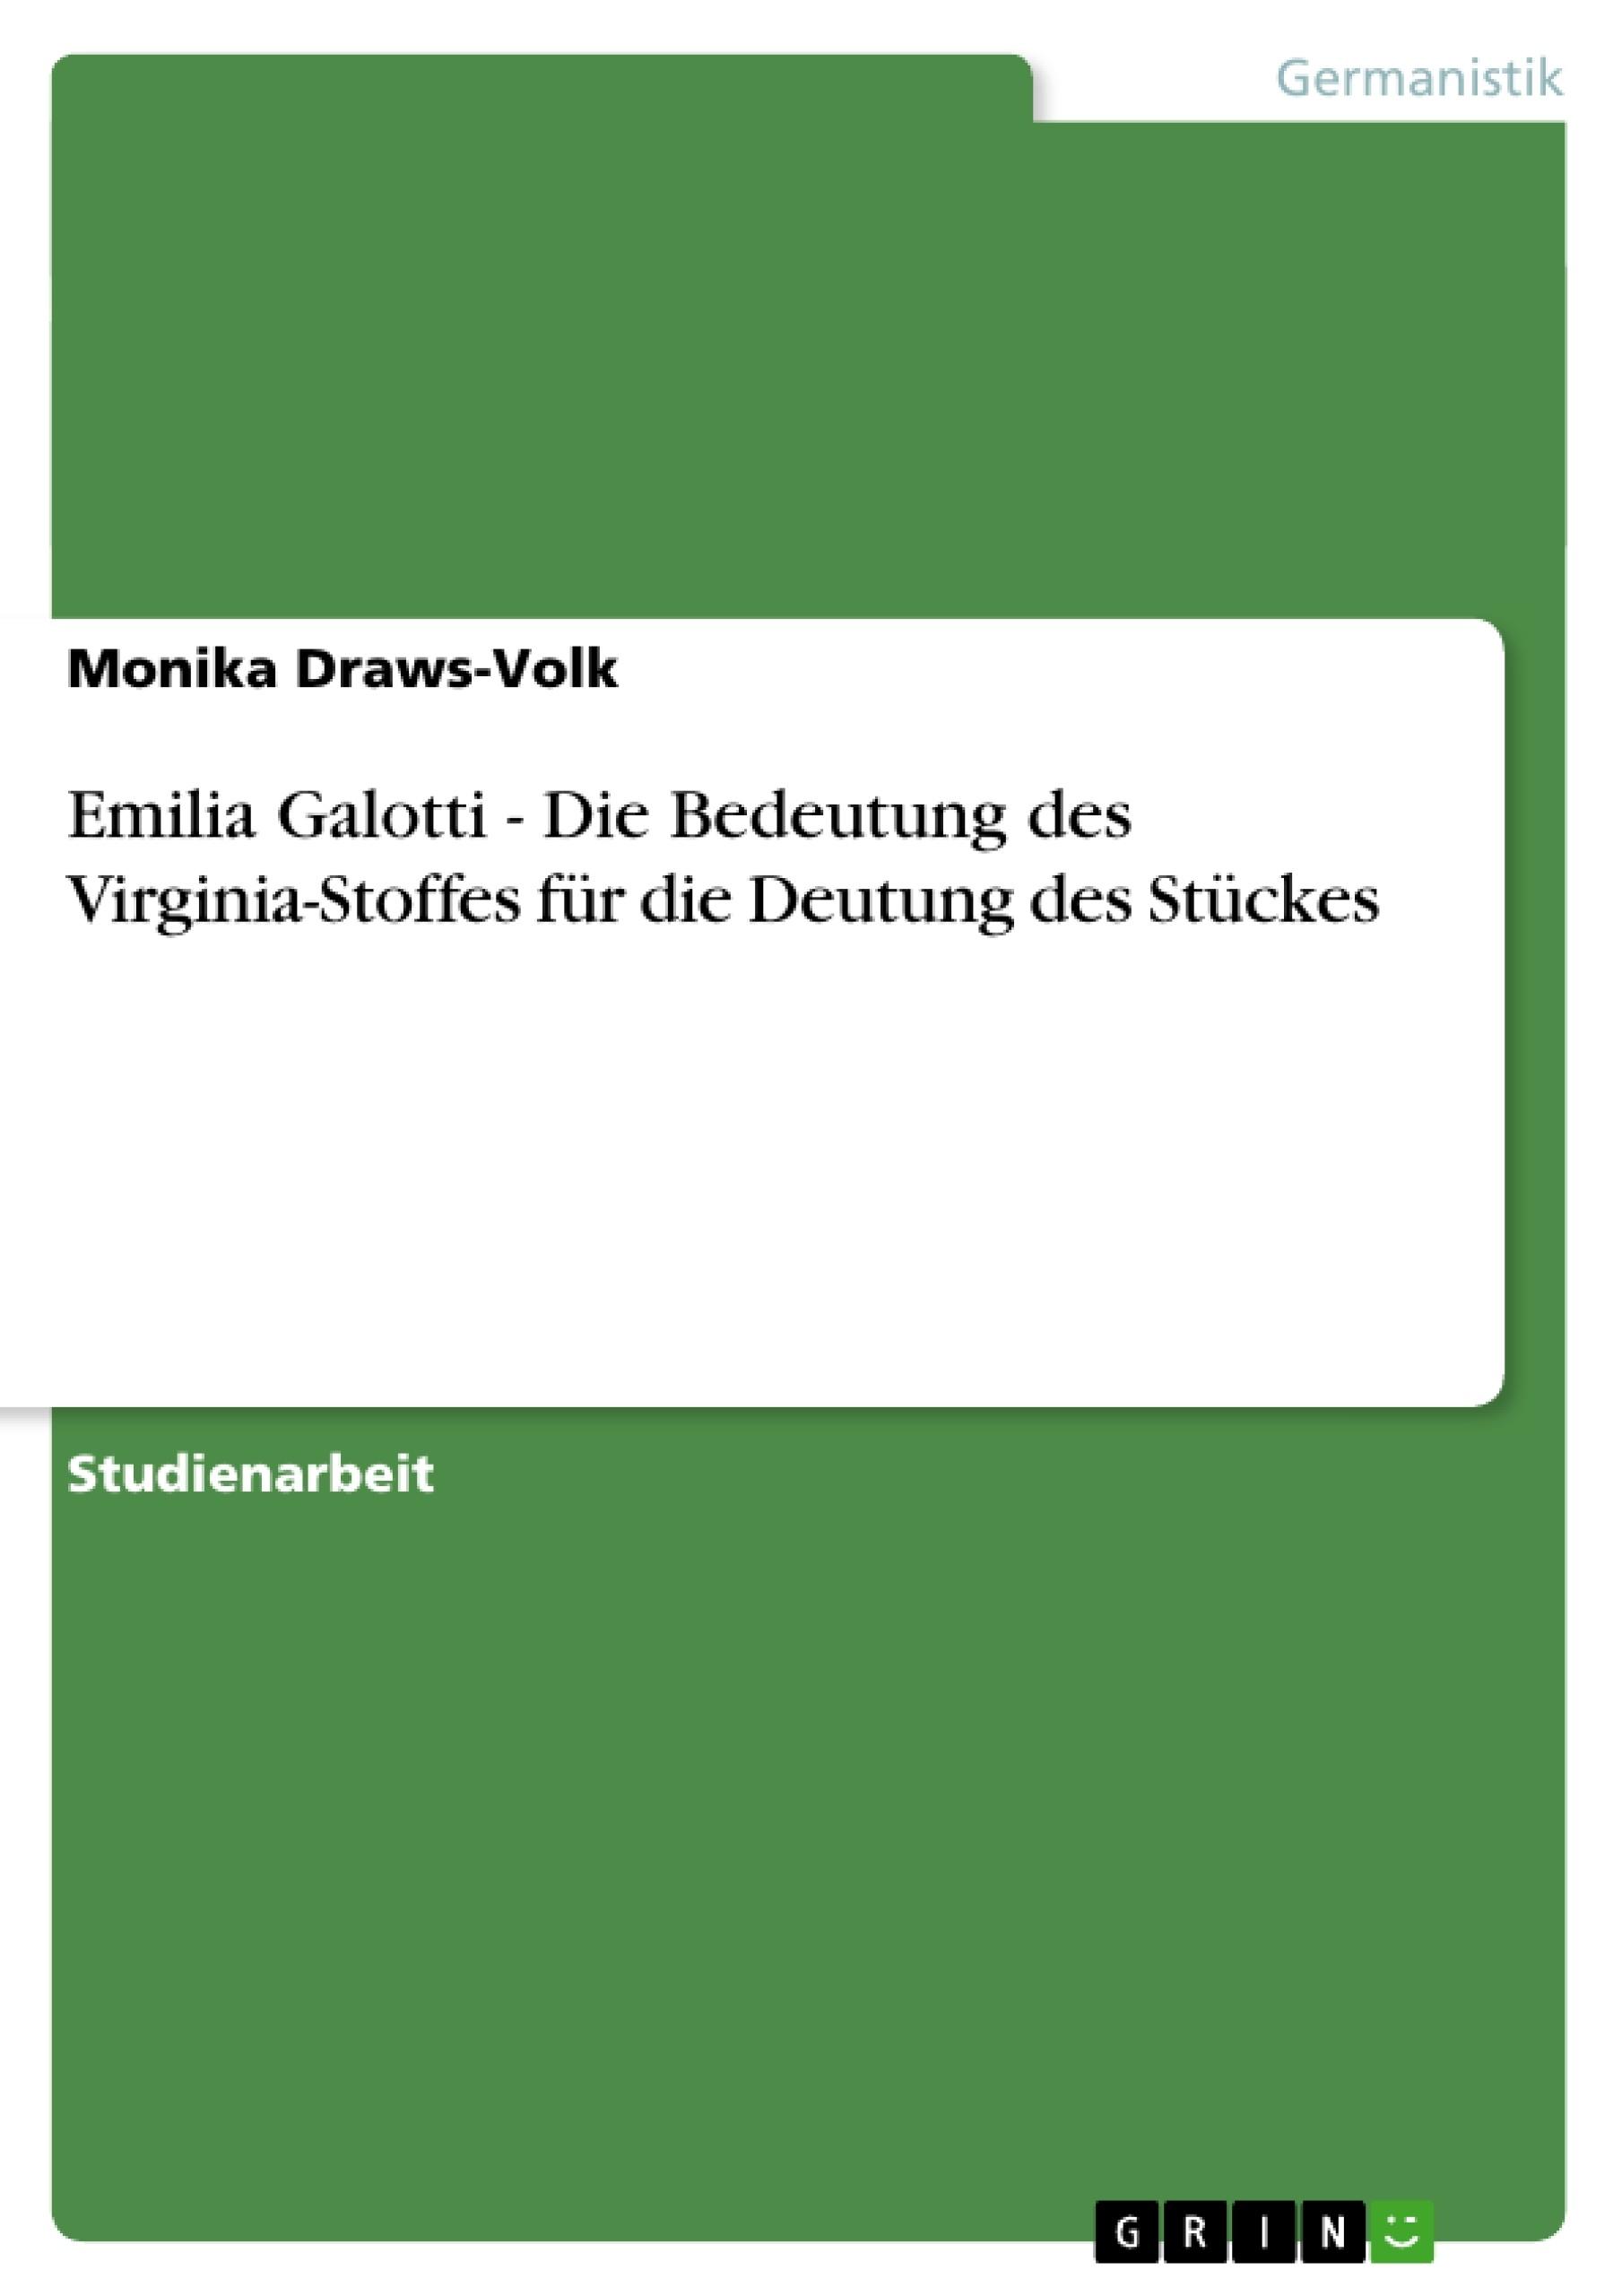 Titel: Emilia Galotti - Die Bedeutung des Virginia-Stoffes für die Deutung des Stückes